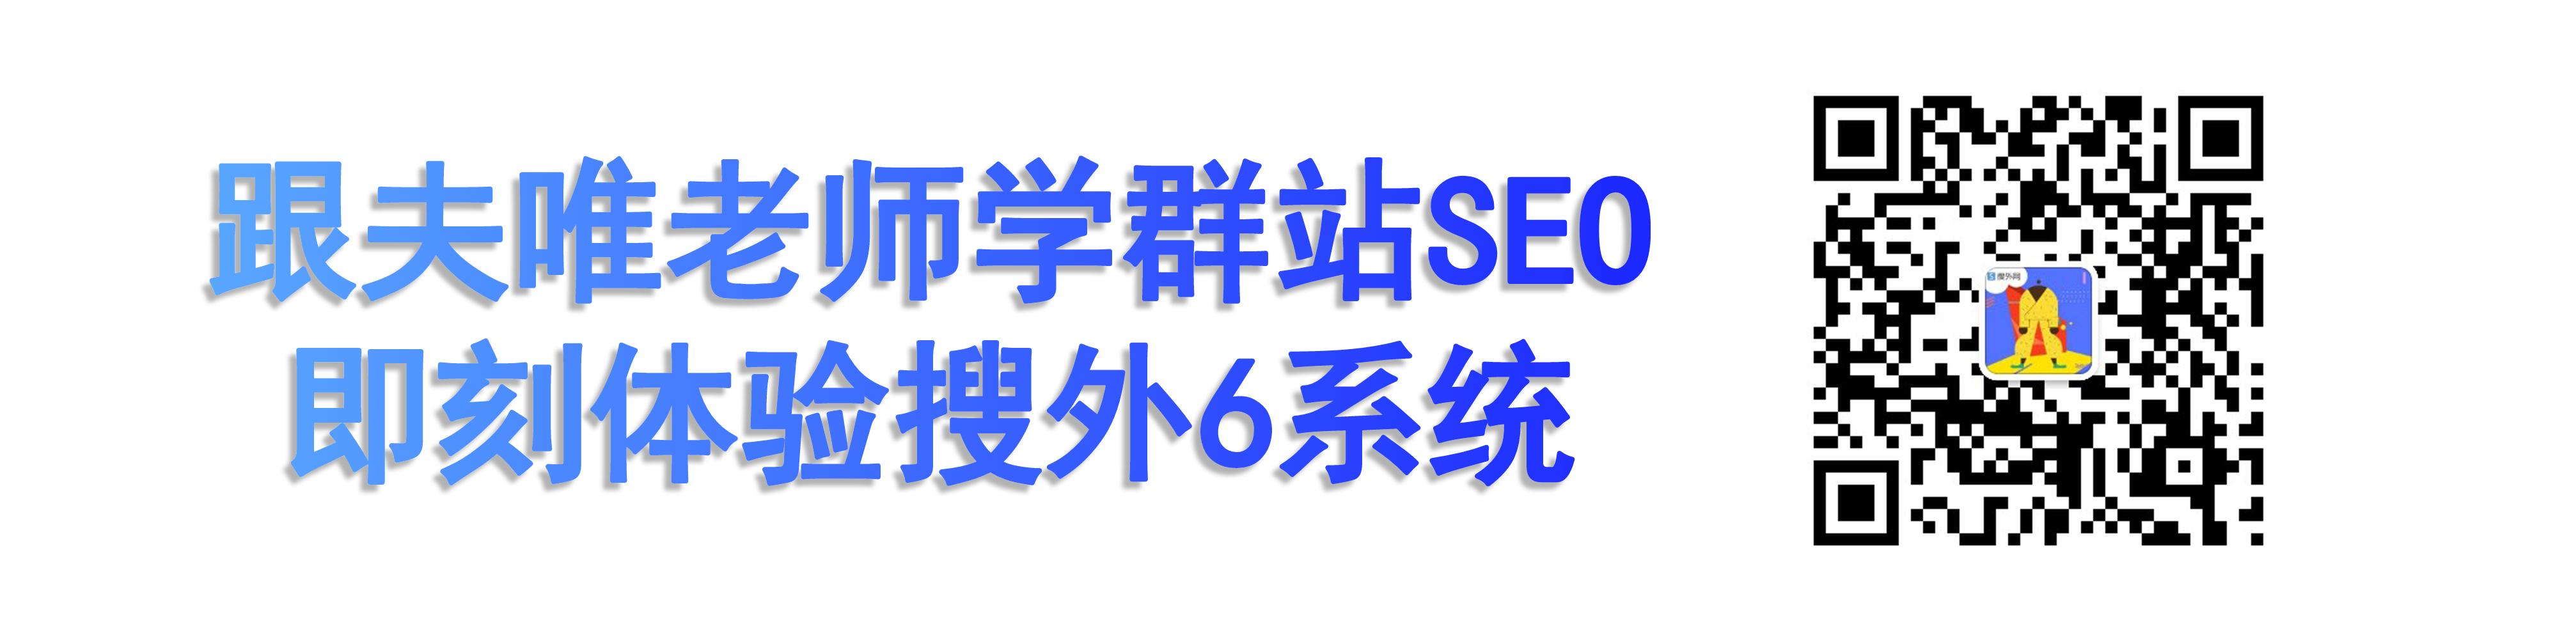 seo培训客服微信